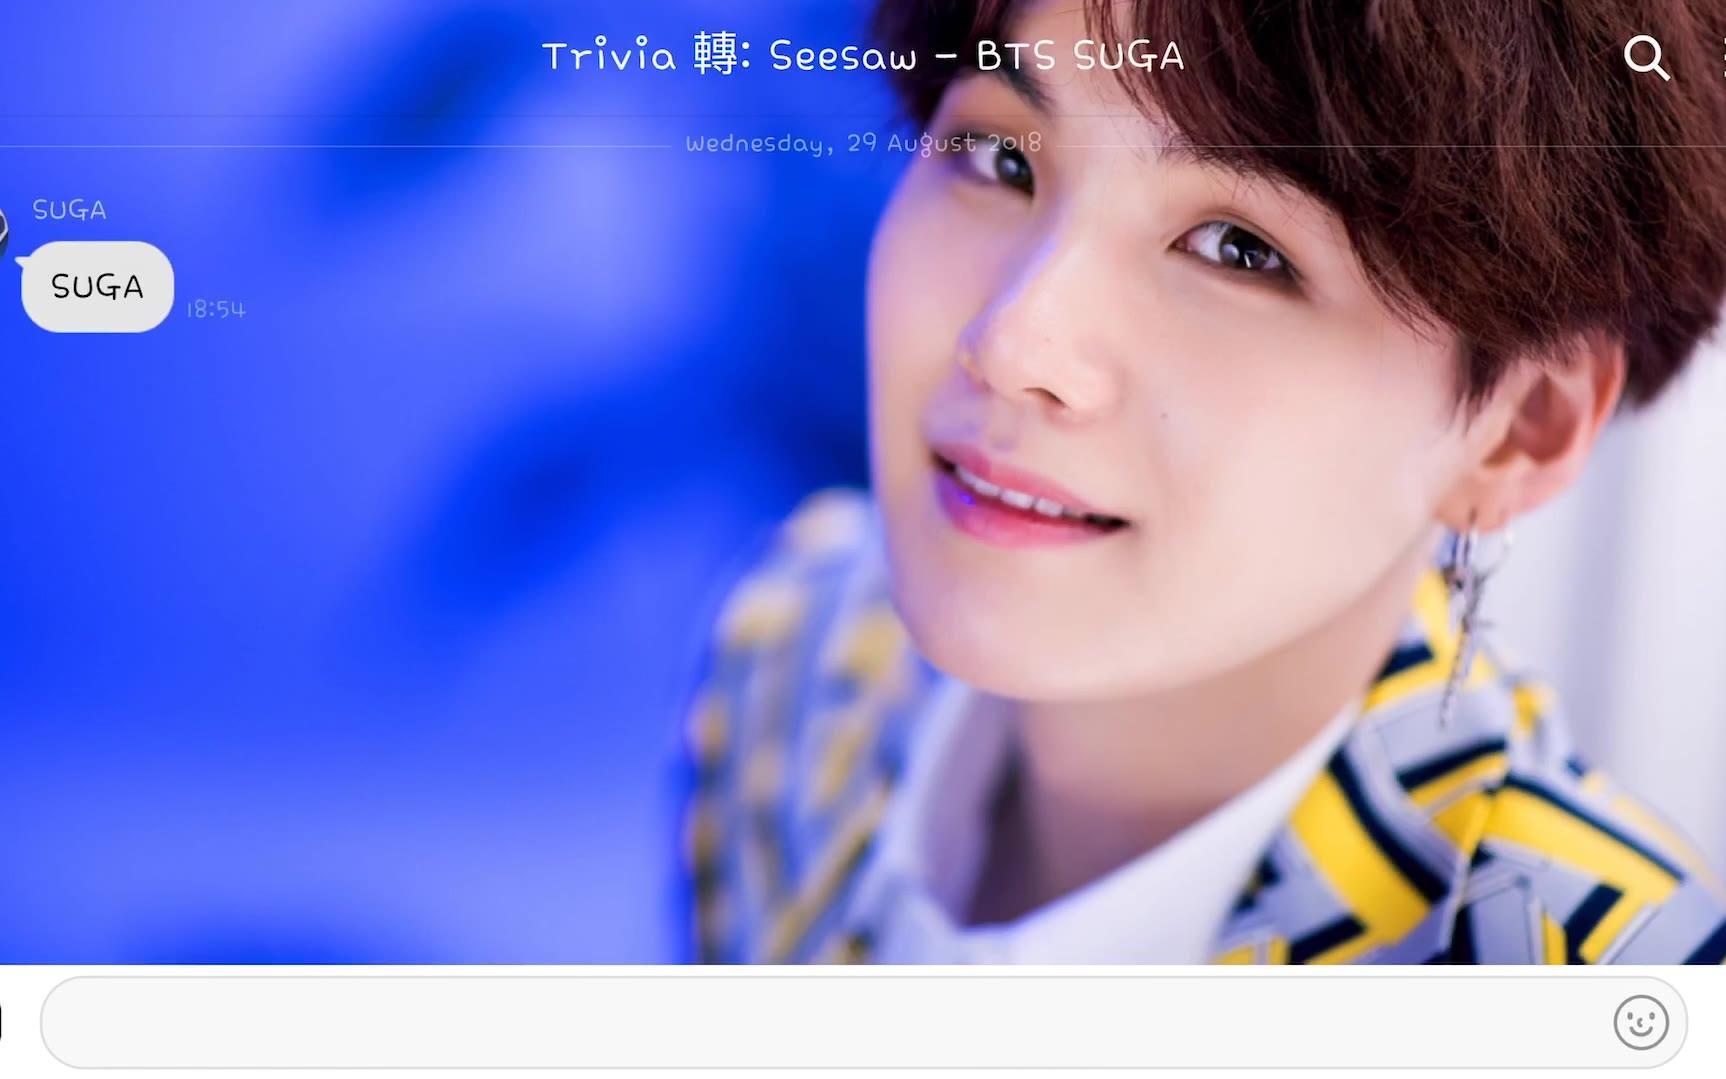 Trivia 轉: Seesaw - SUGA(BTS) 韓中歌詞_嗶哩嗶哩 (゜-゜)つロ 干杯~-bilibili